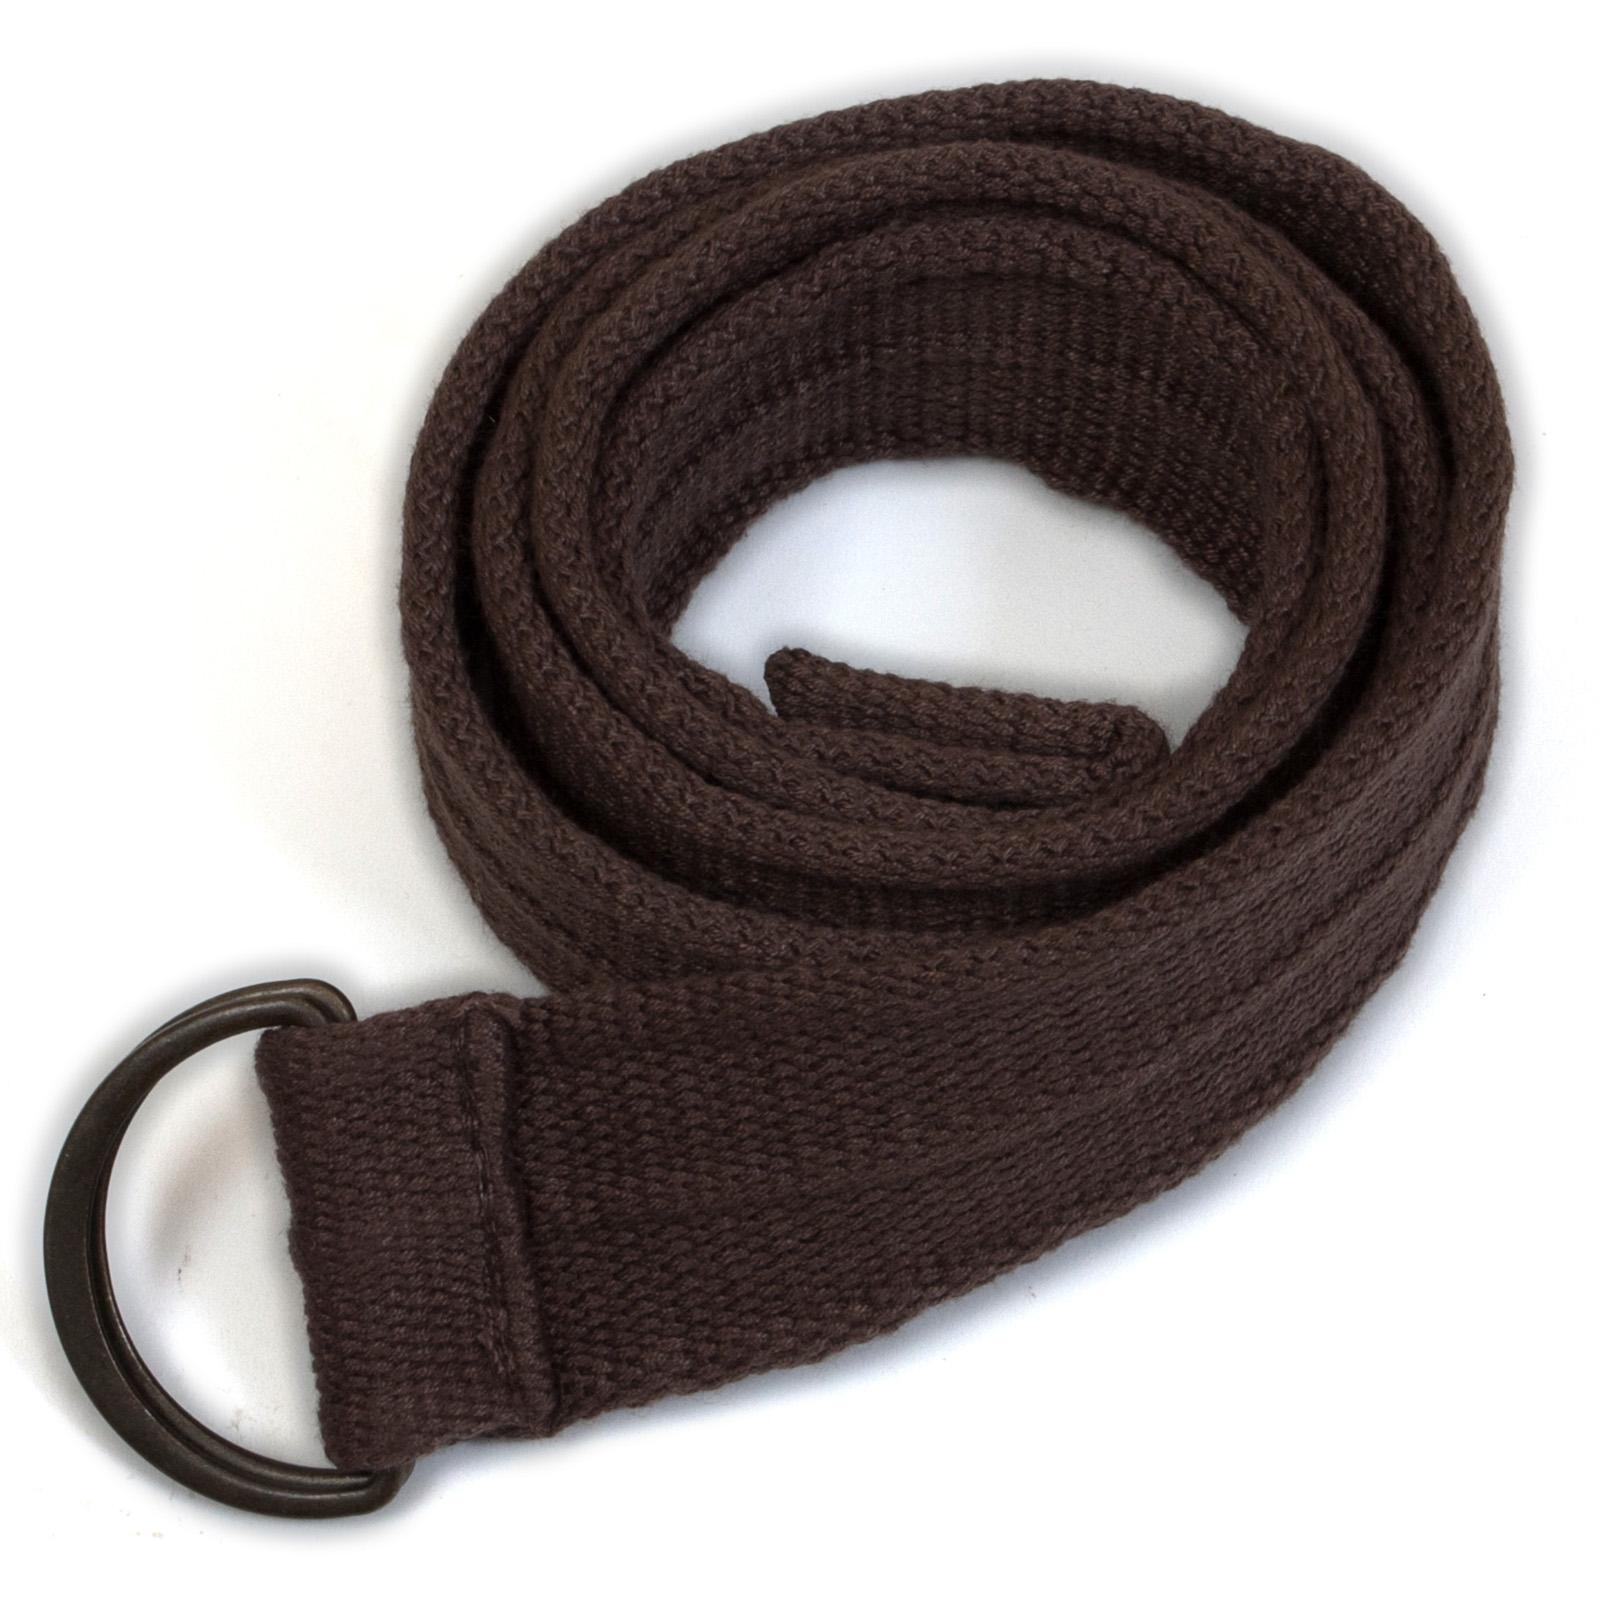 Ремень поясной текстильный - недорогие ремни для шорт